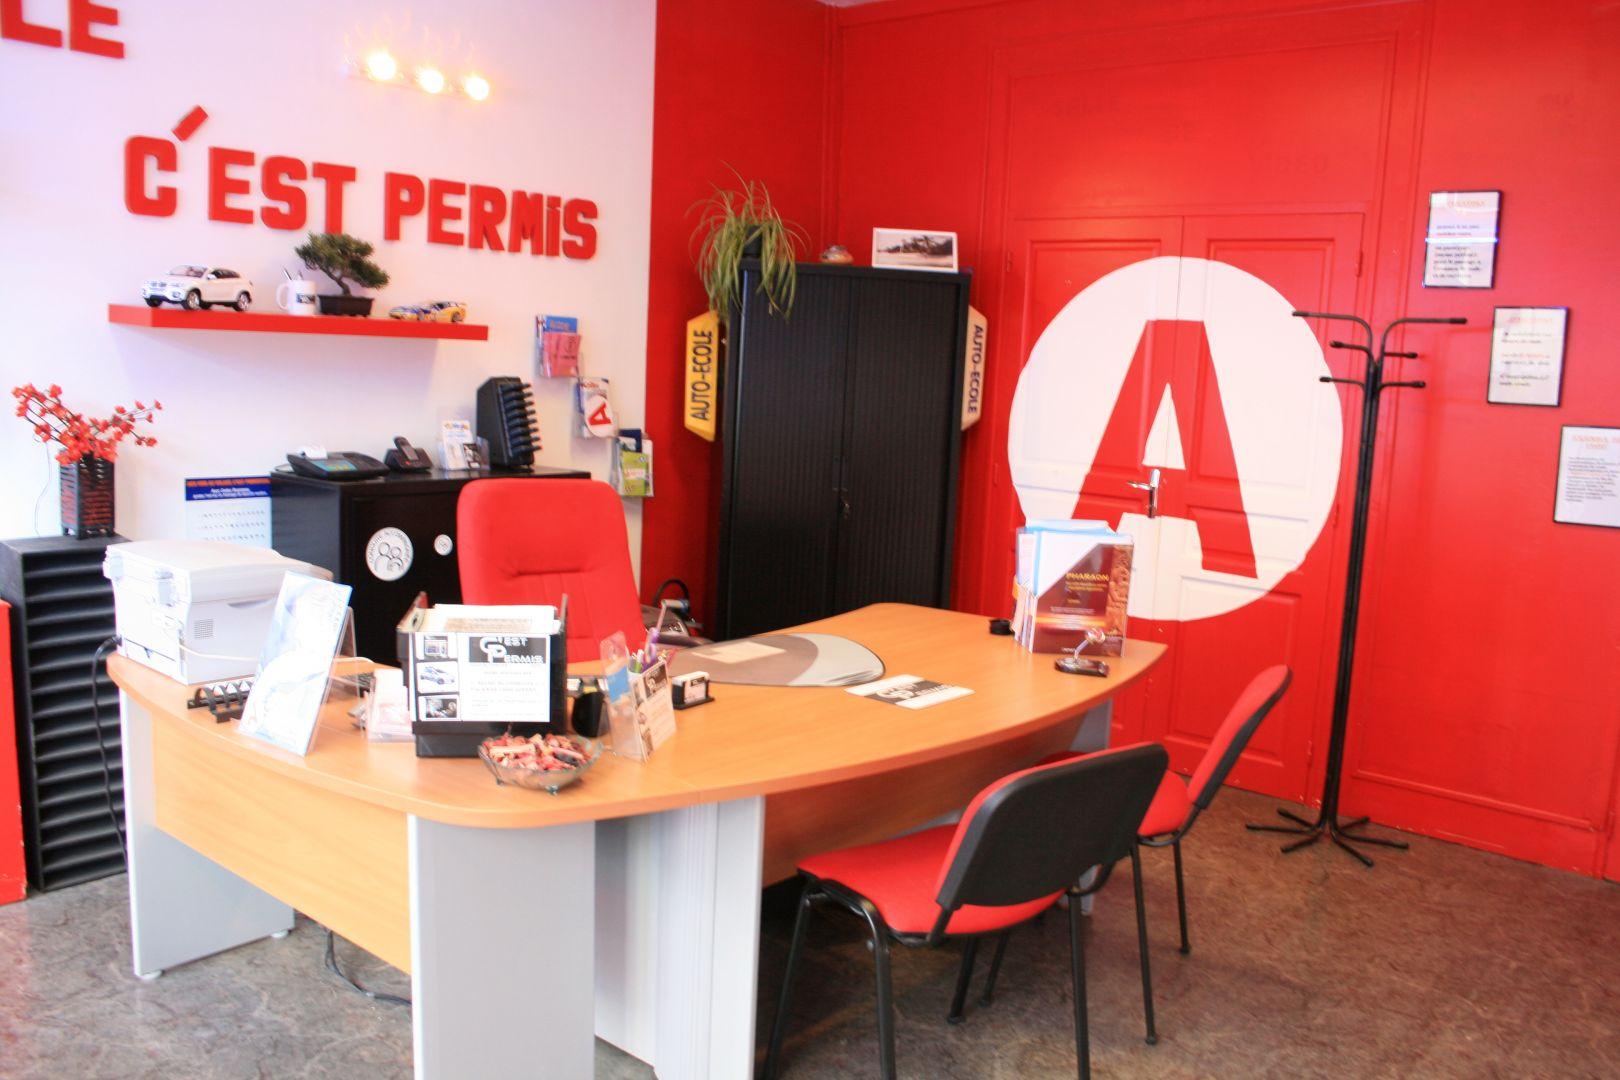 Notre bureau d' accueil